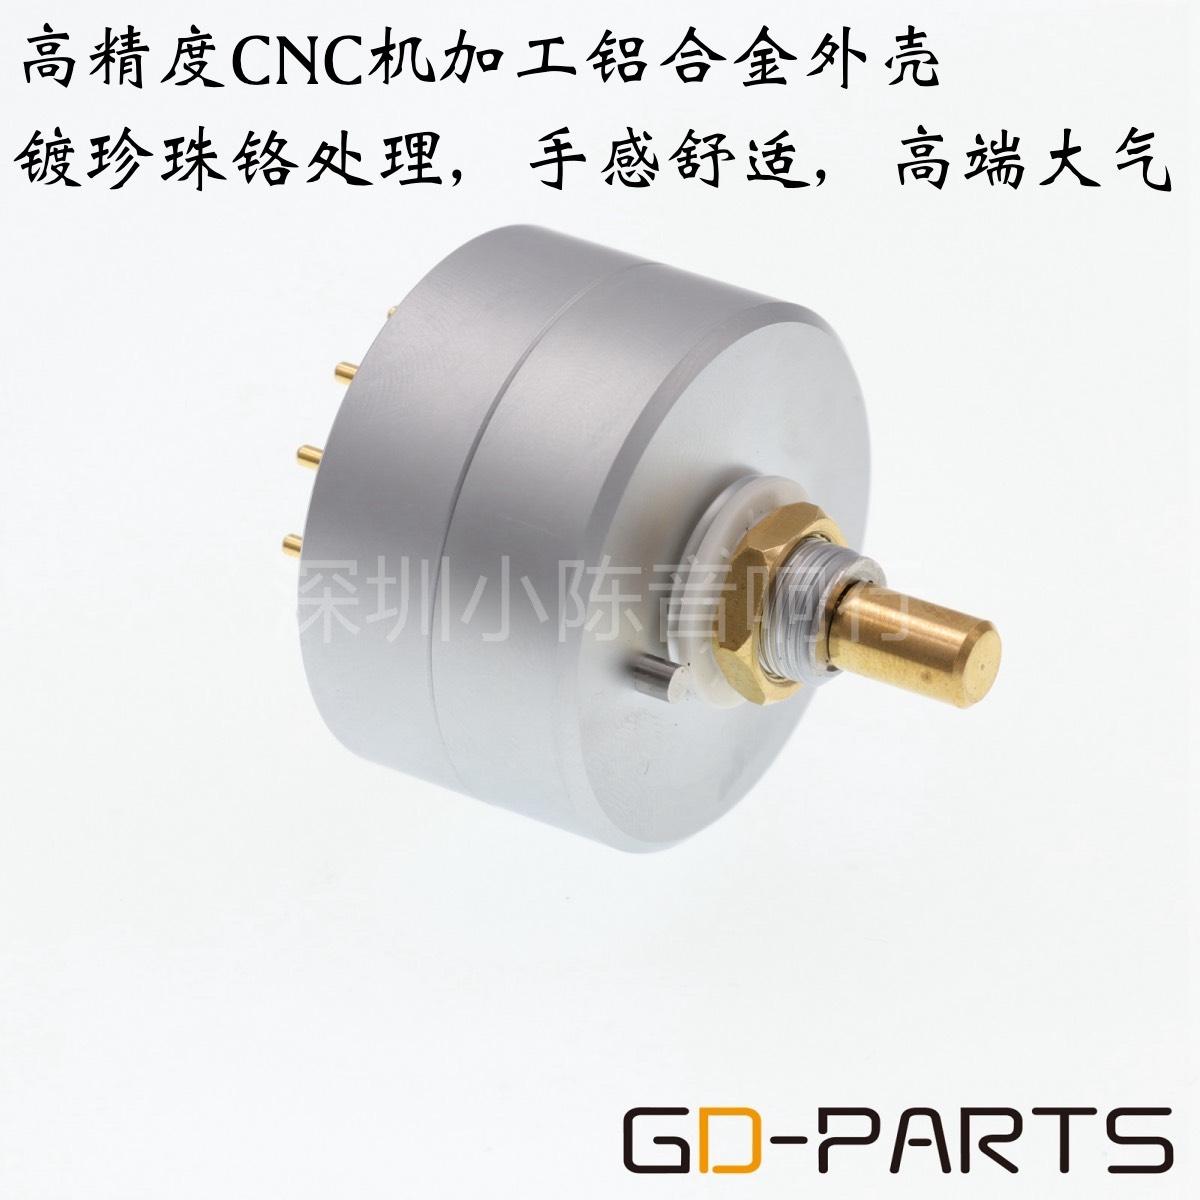 3 3 3 EIZZ przełącznik wzmacniacza mocy zmienić nóż obrotowy przełącznik wyboru zespołu zmiany sygnału.